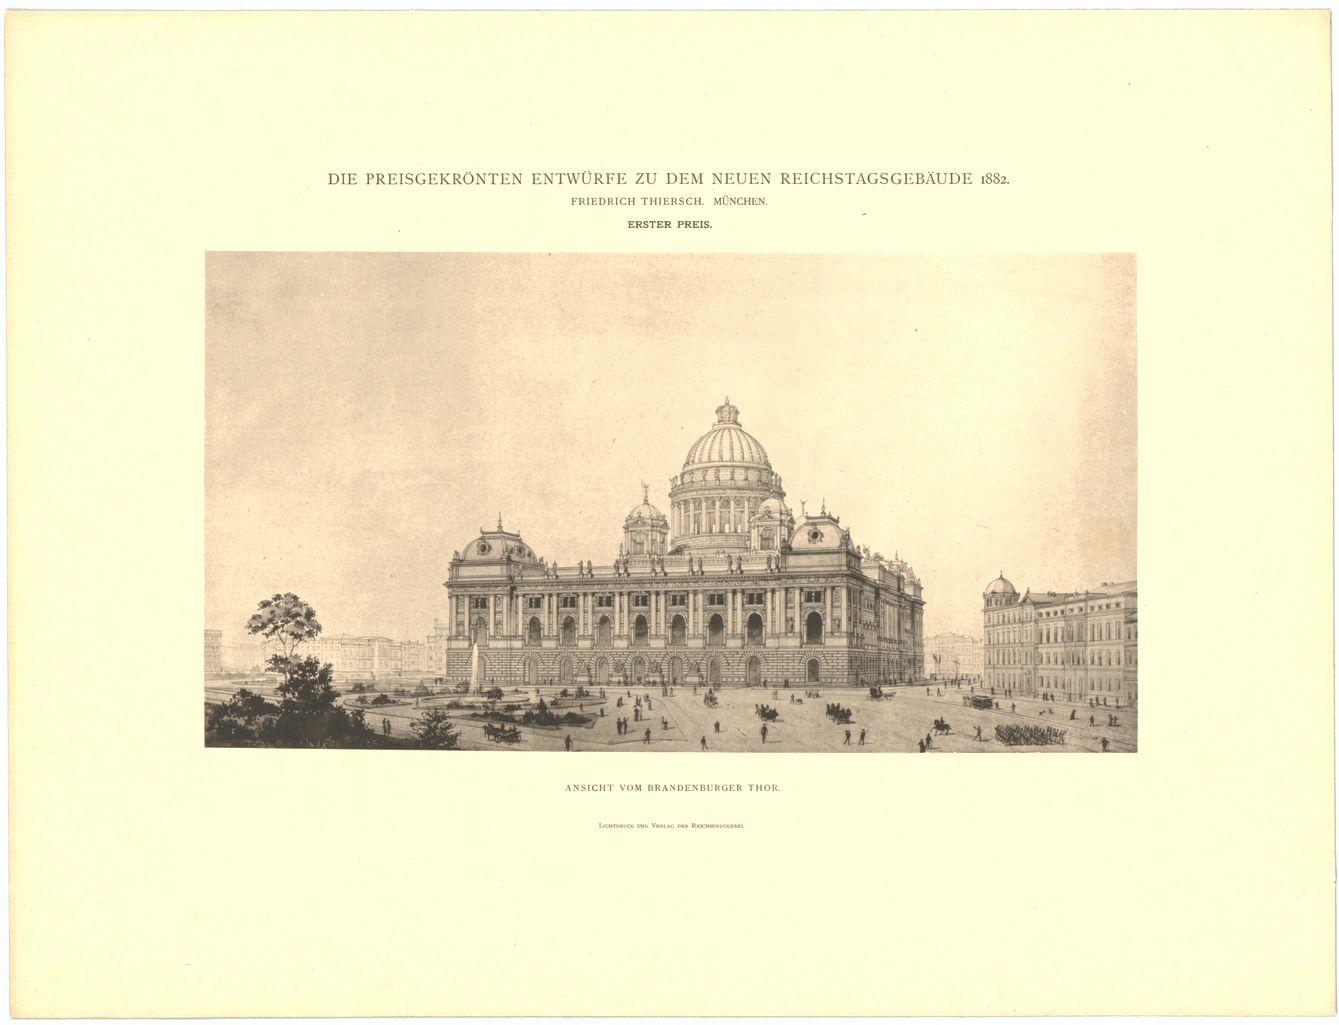 Bildindex Der Kunst Architektur Startseite Bildindex Kunst Architektur Bilder